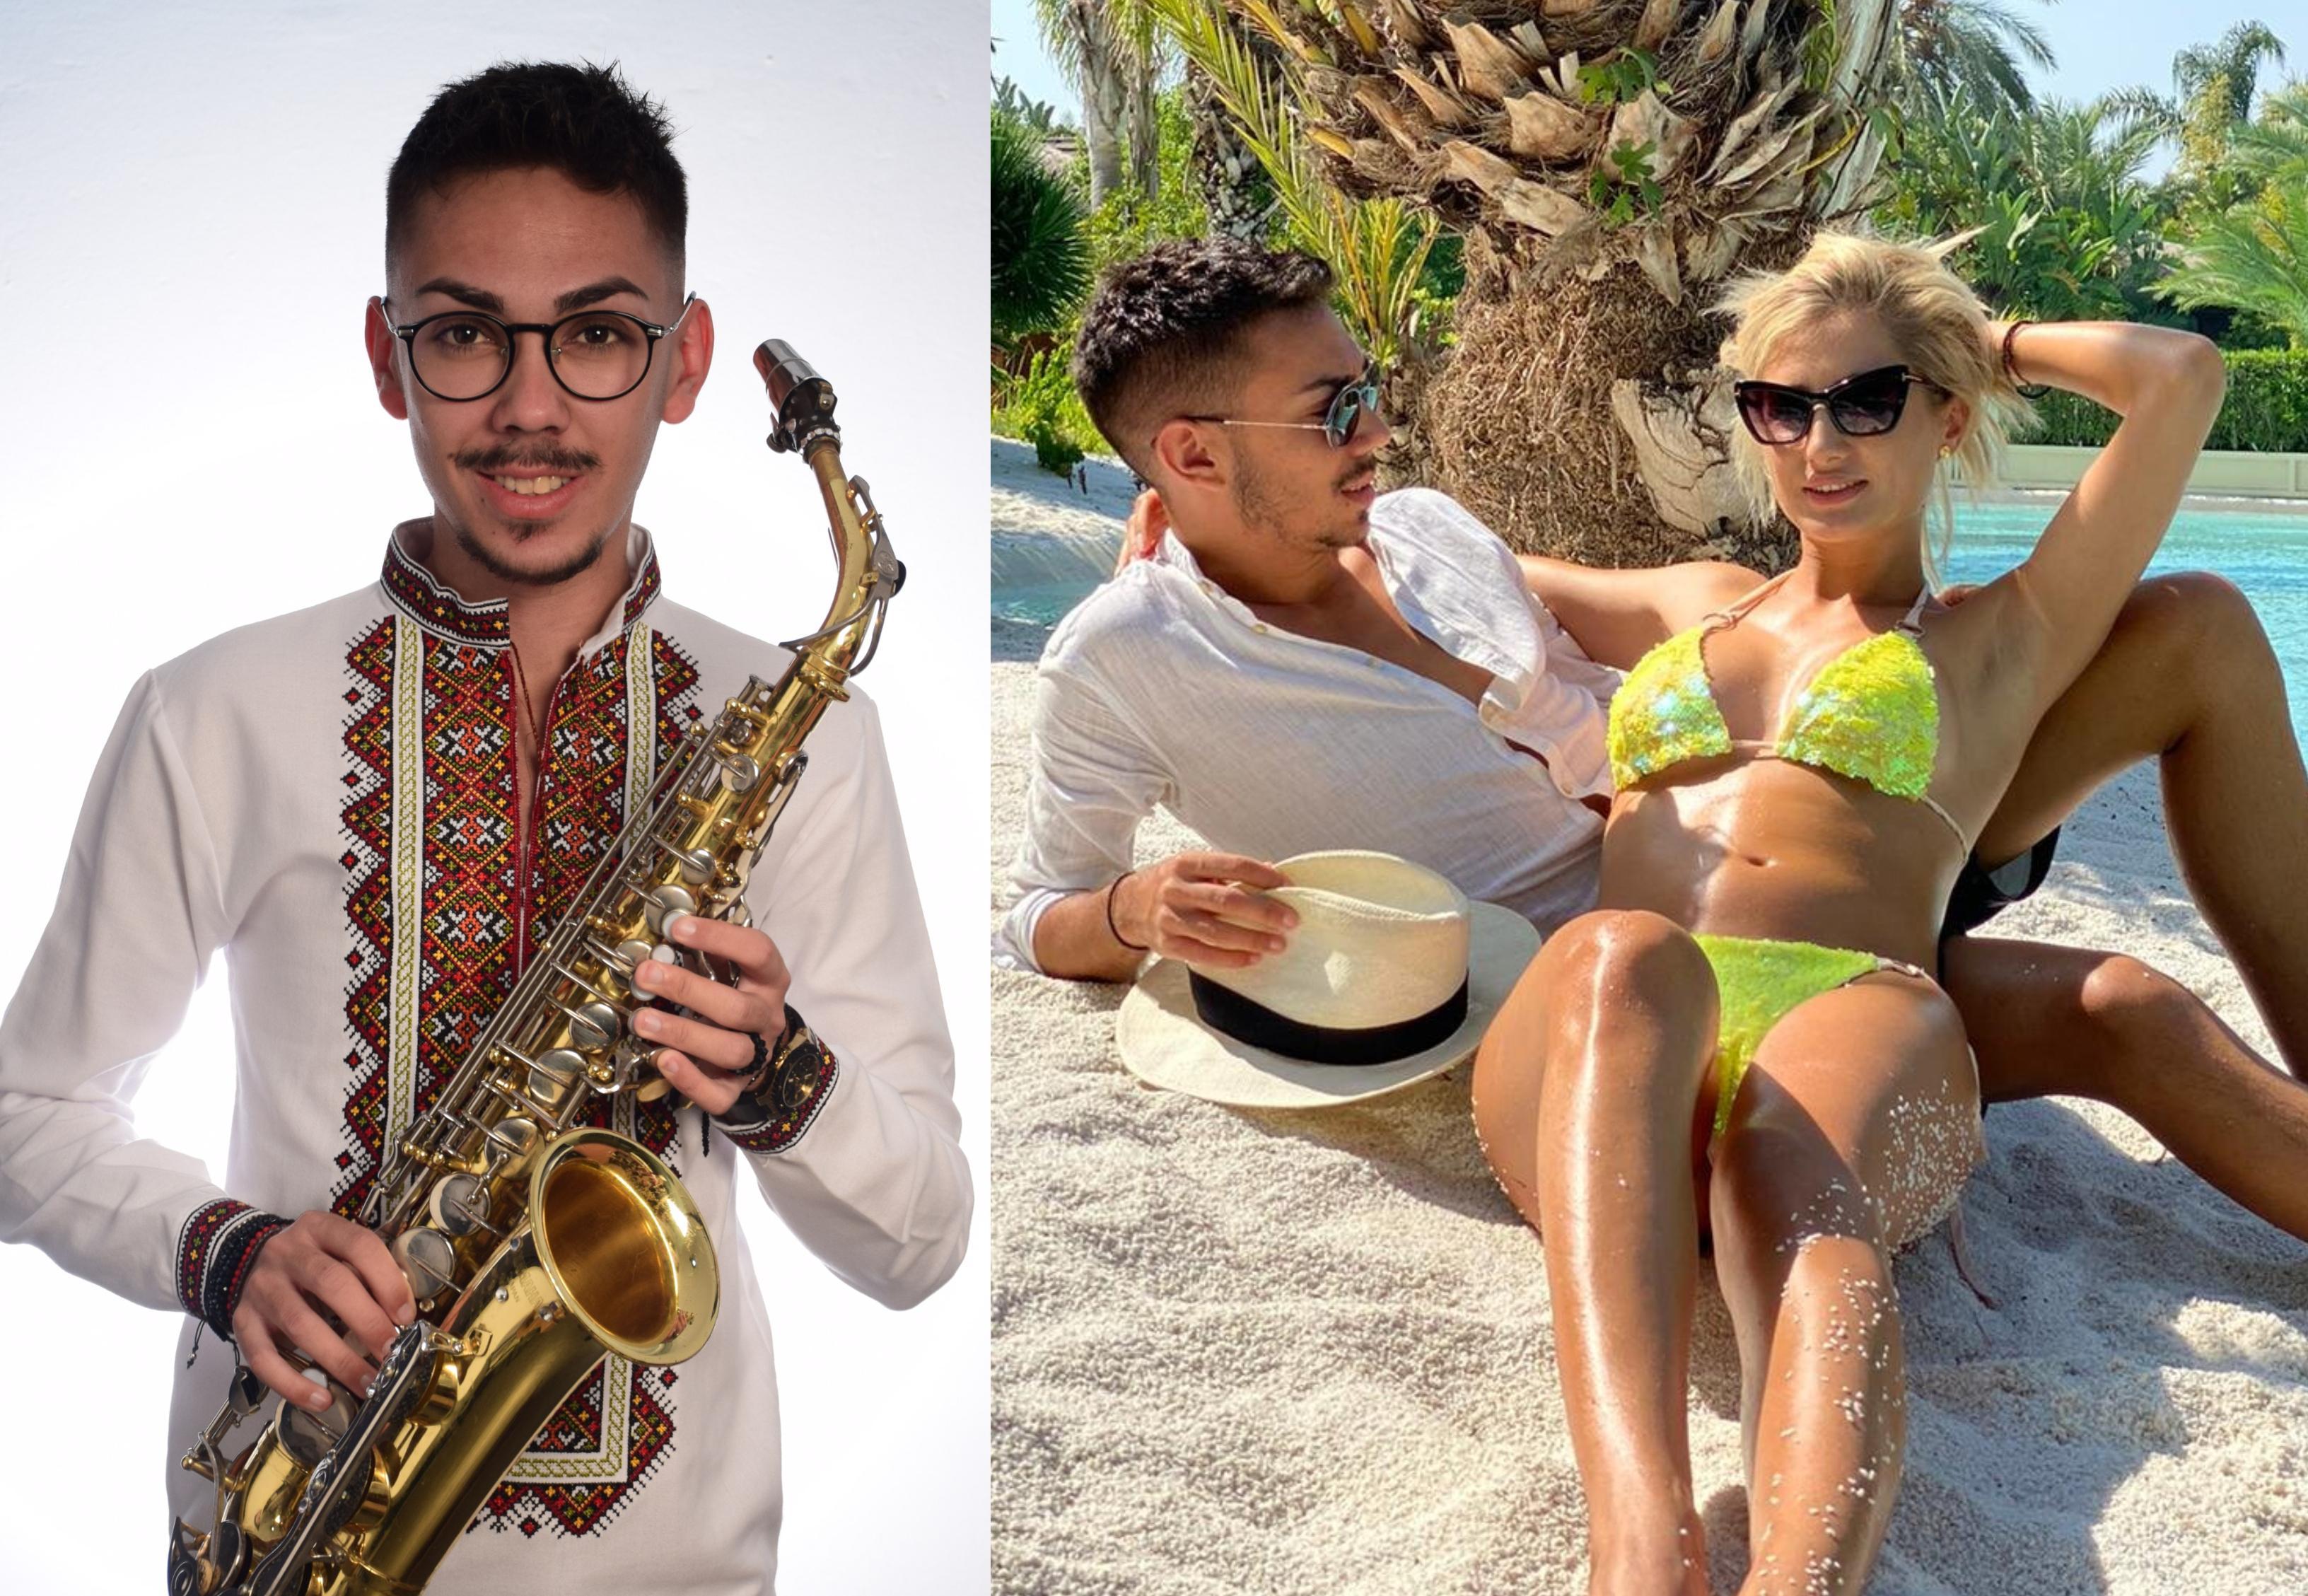 Începând din 2 august, de la ora 19:00, Reality show-ul Chef de viaţă, cu Armin şi Claudia, se vede la Antena Stars